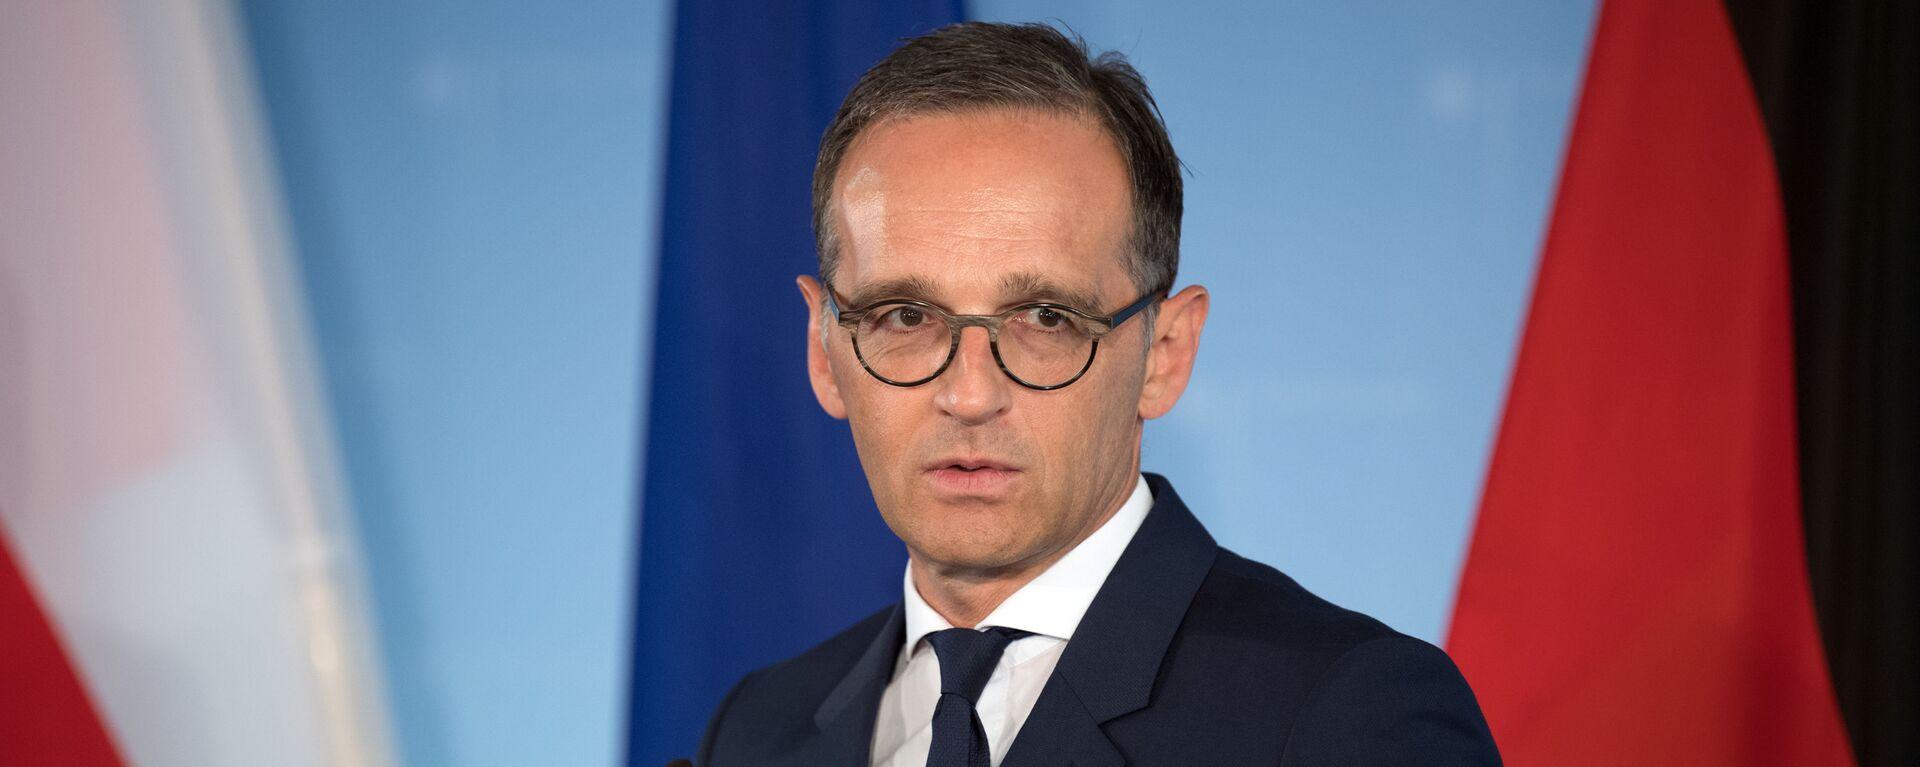 Německý ministr zahraničí Heiko Maas  - Sputnik Česká republika, 1920, 14.07.2021